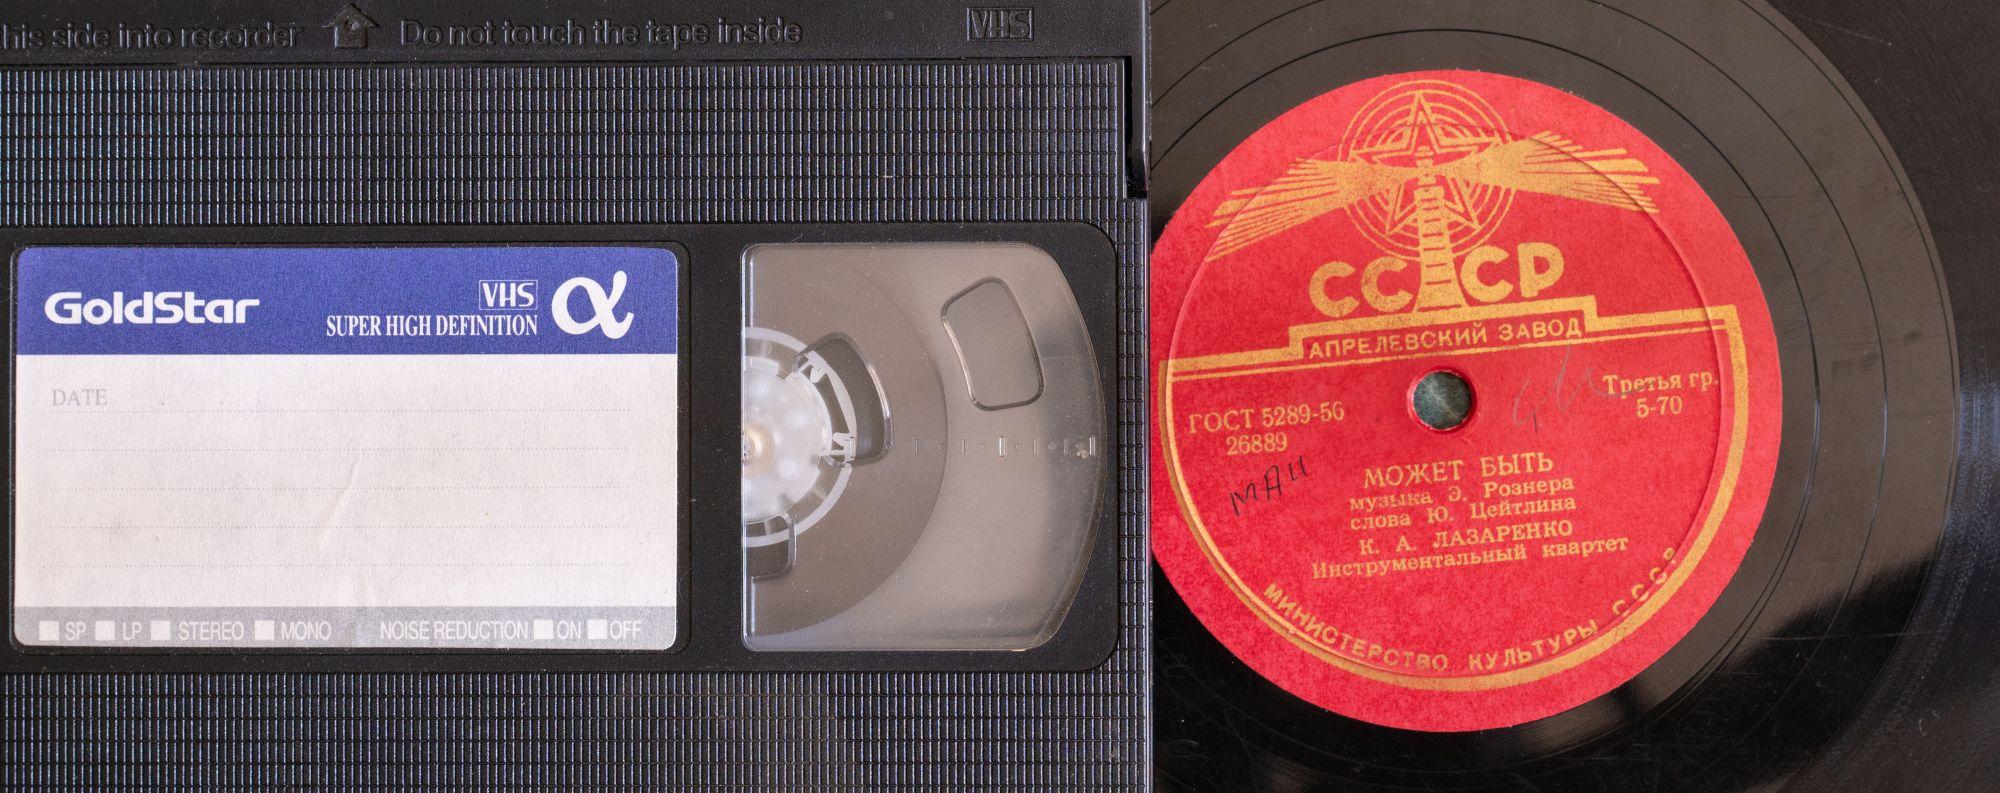 Древности: невероятная видеокассета - 2